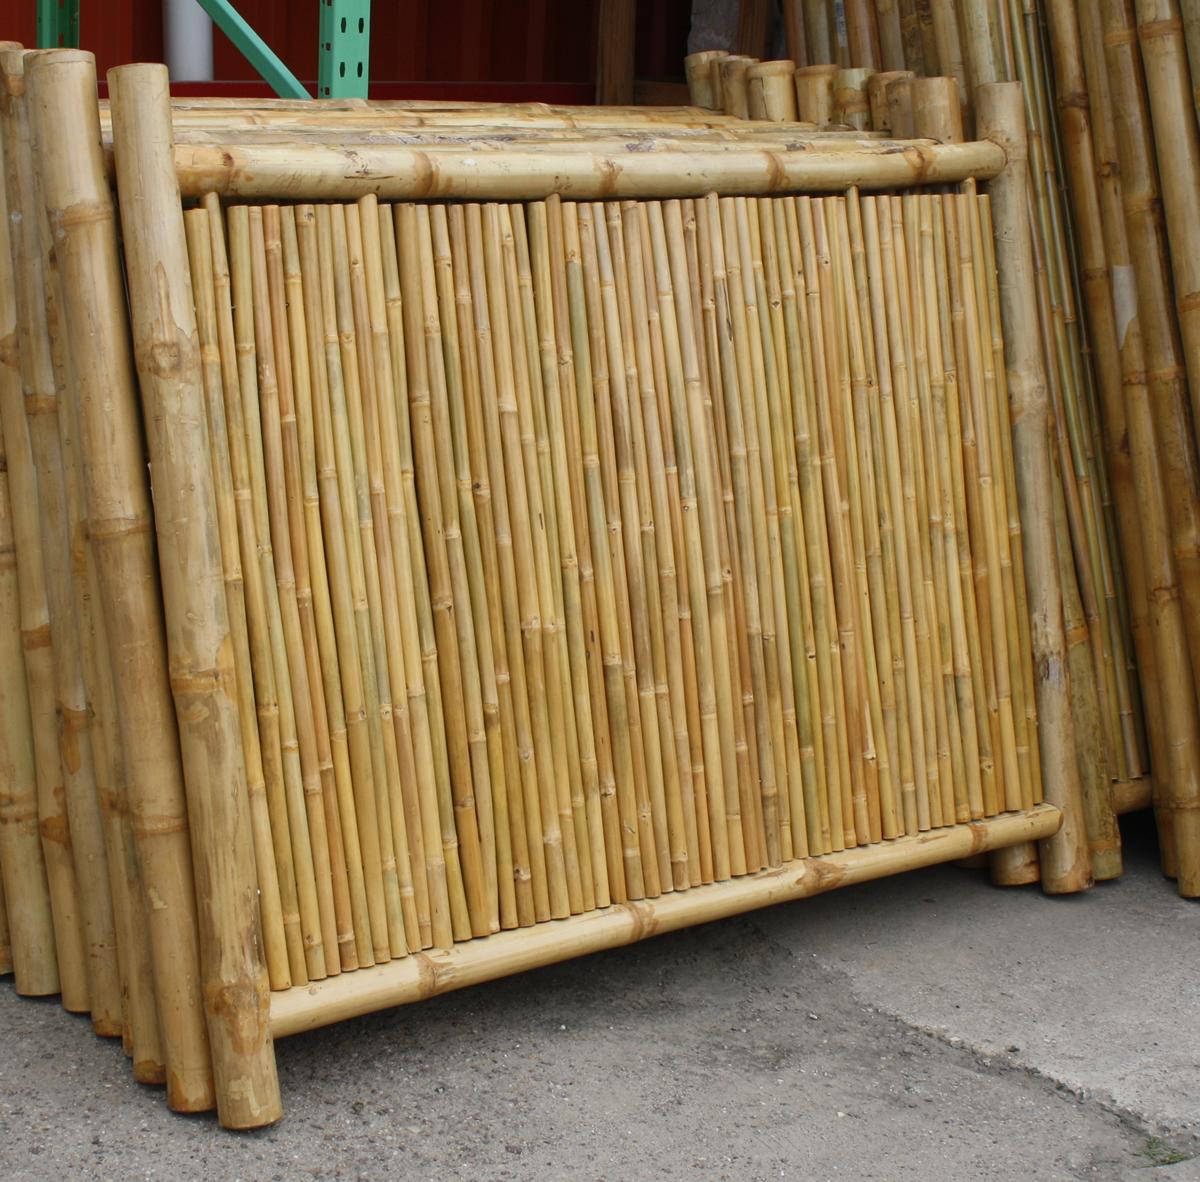 bambus sichtschutzelement bambuszaun 180 x 140 - naturstein centrum lpm